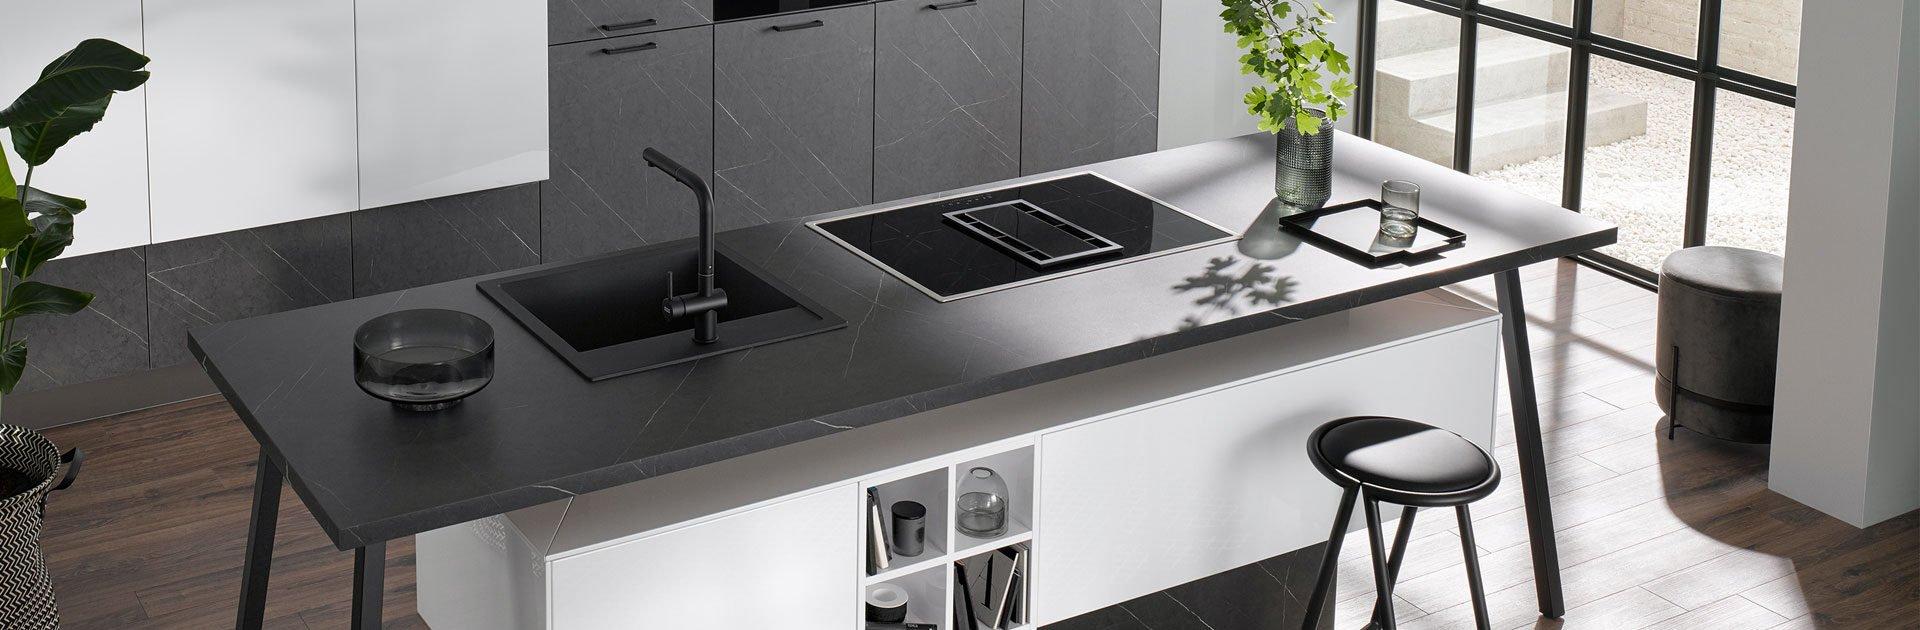 Minimalistische keuken zwart wit   Satink Keukens